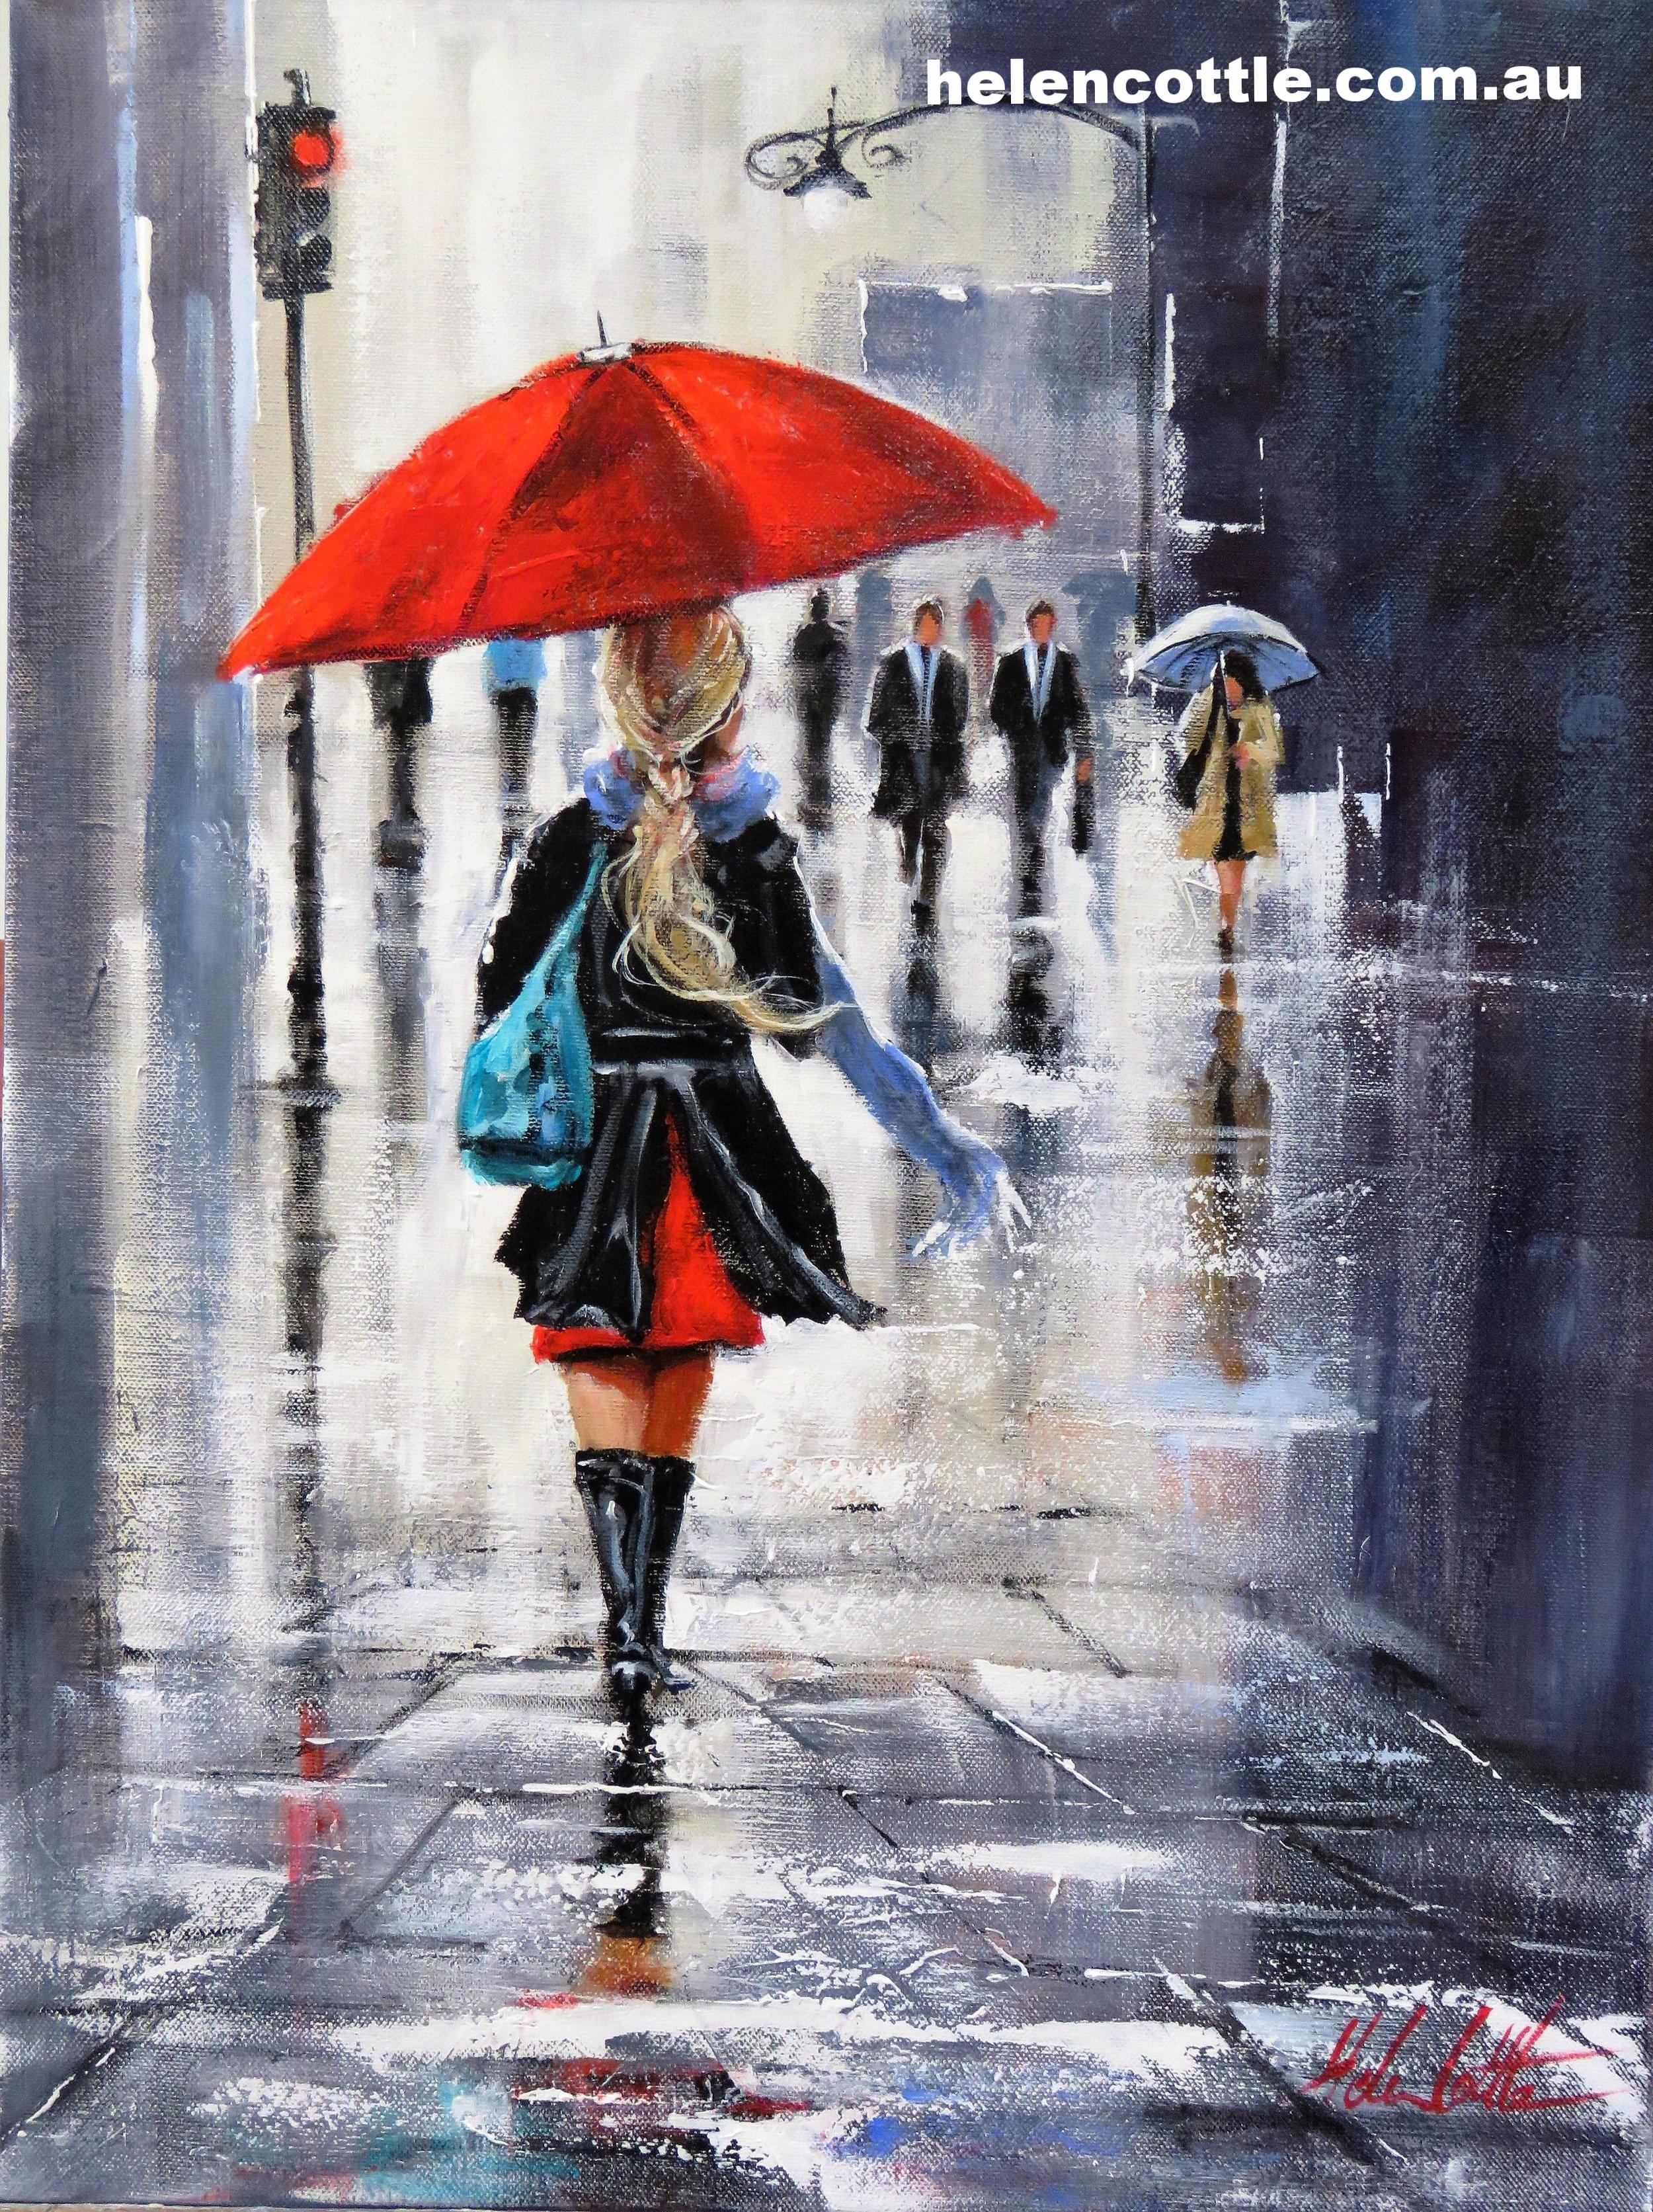 Rain in June Acrylic on canvas 75x55cm By Helen Cottle.JPG